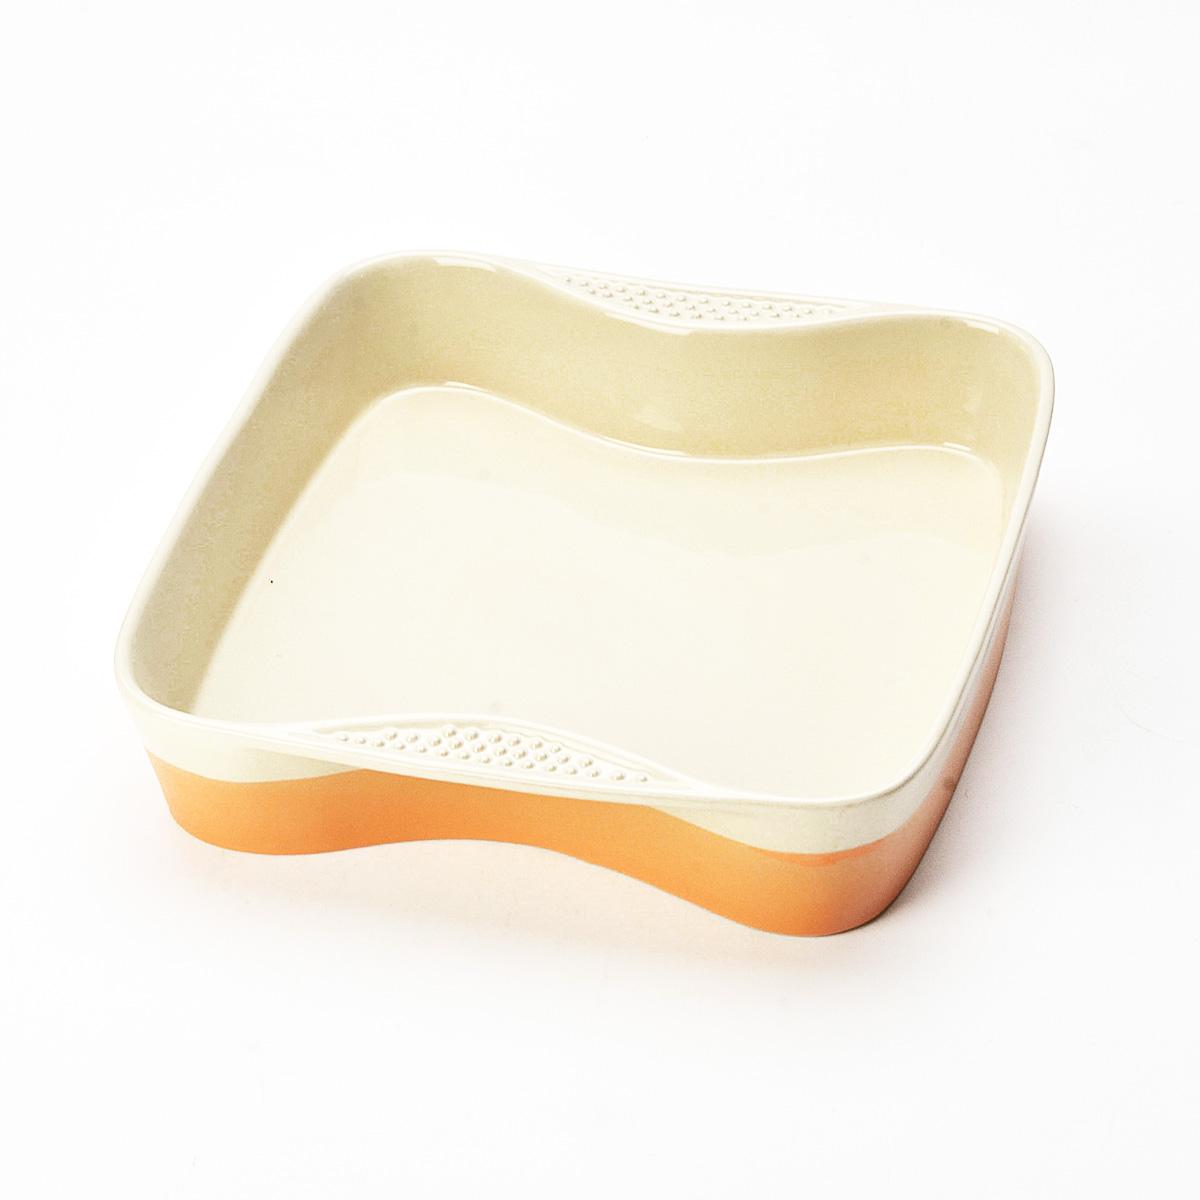 Противень Mayer & Boch, квадратный, цвет: оранжевый, бежевый, 27 см х 27 см21769Противень Mayer & Boch изготовлен из высококачественной керамики и подходит для любого вида пищи. Элегантный дизайн идеально подходит для современного дома. Пища, приготовленная в керамической посуде, сохраняет свои вкусовые качества, и благодаря экологической чистоте материала, не может нанести вред здоровью человека. Керамика - один из самых лучших материалов, который удерживает тепло, медленно и равномерно его распределяет. Максимальный нагрев - 400°С. С таким противнем вы всегда сможете порадовать своих близких оригинальным блюдом. Противень можно использовать в микроволновой печи и духовом шкафу, замораживать в холодильнике. Можно мыть в посудомоечной машине.